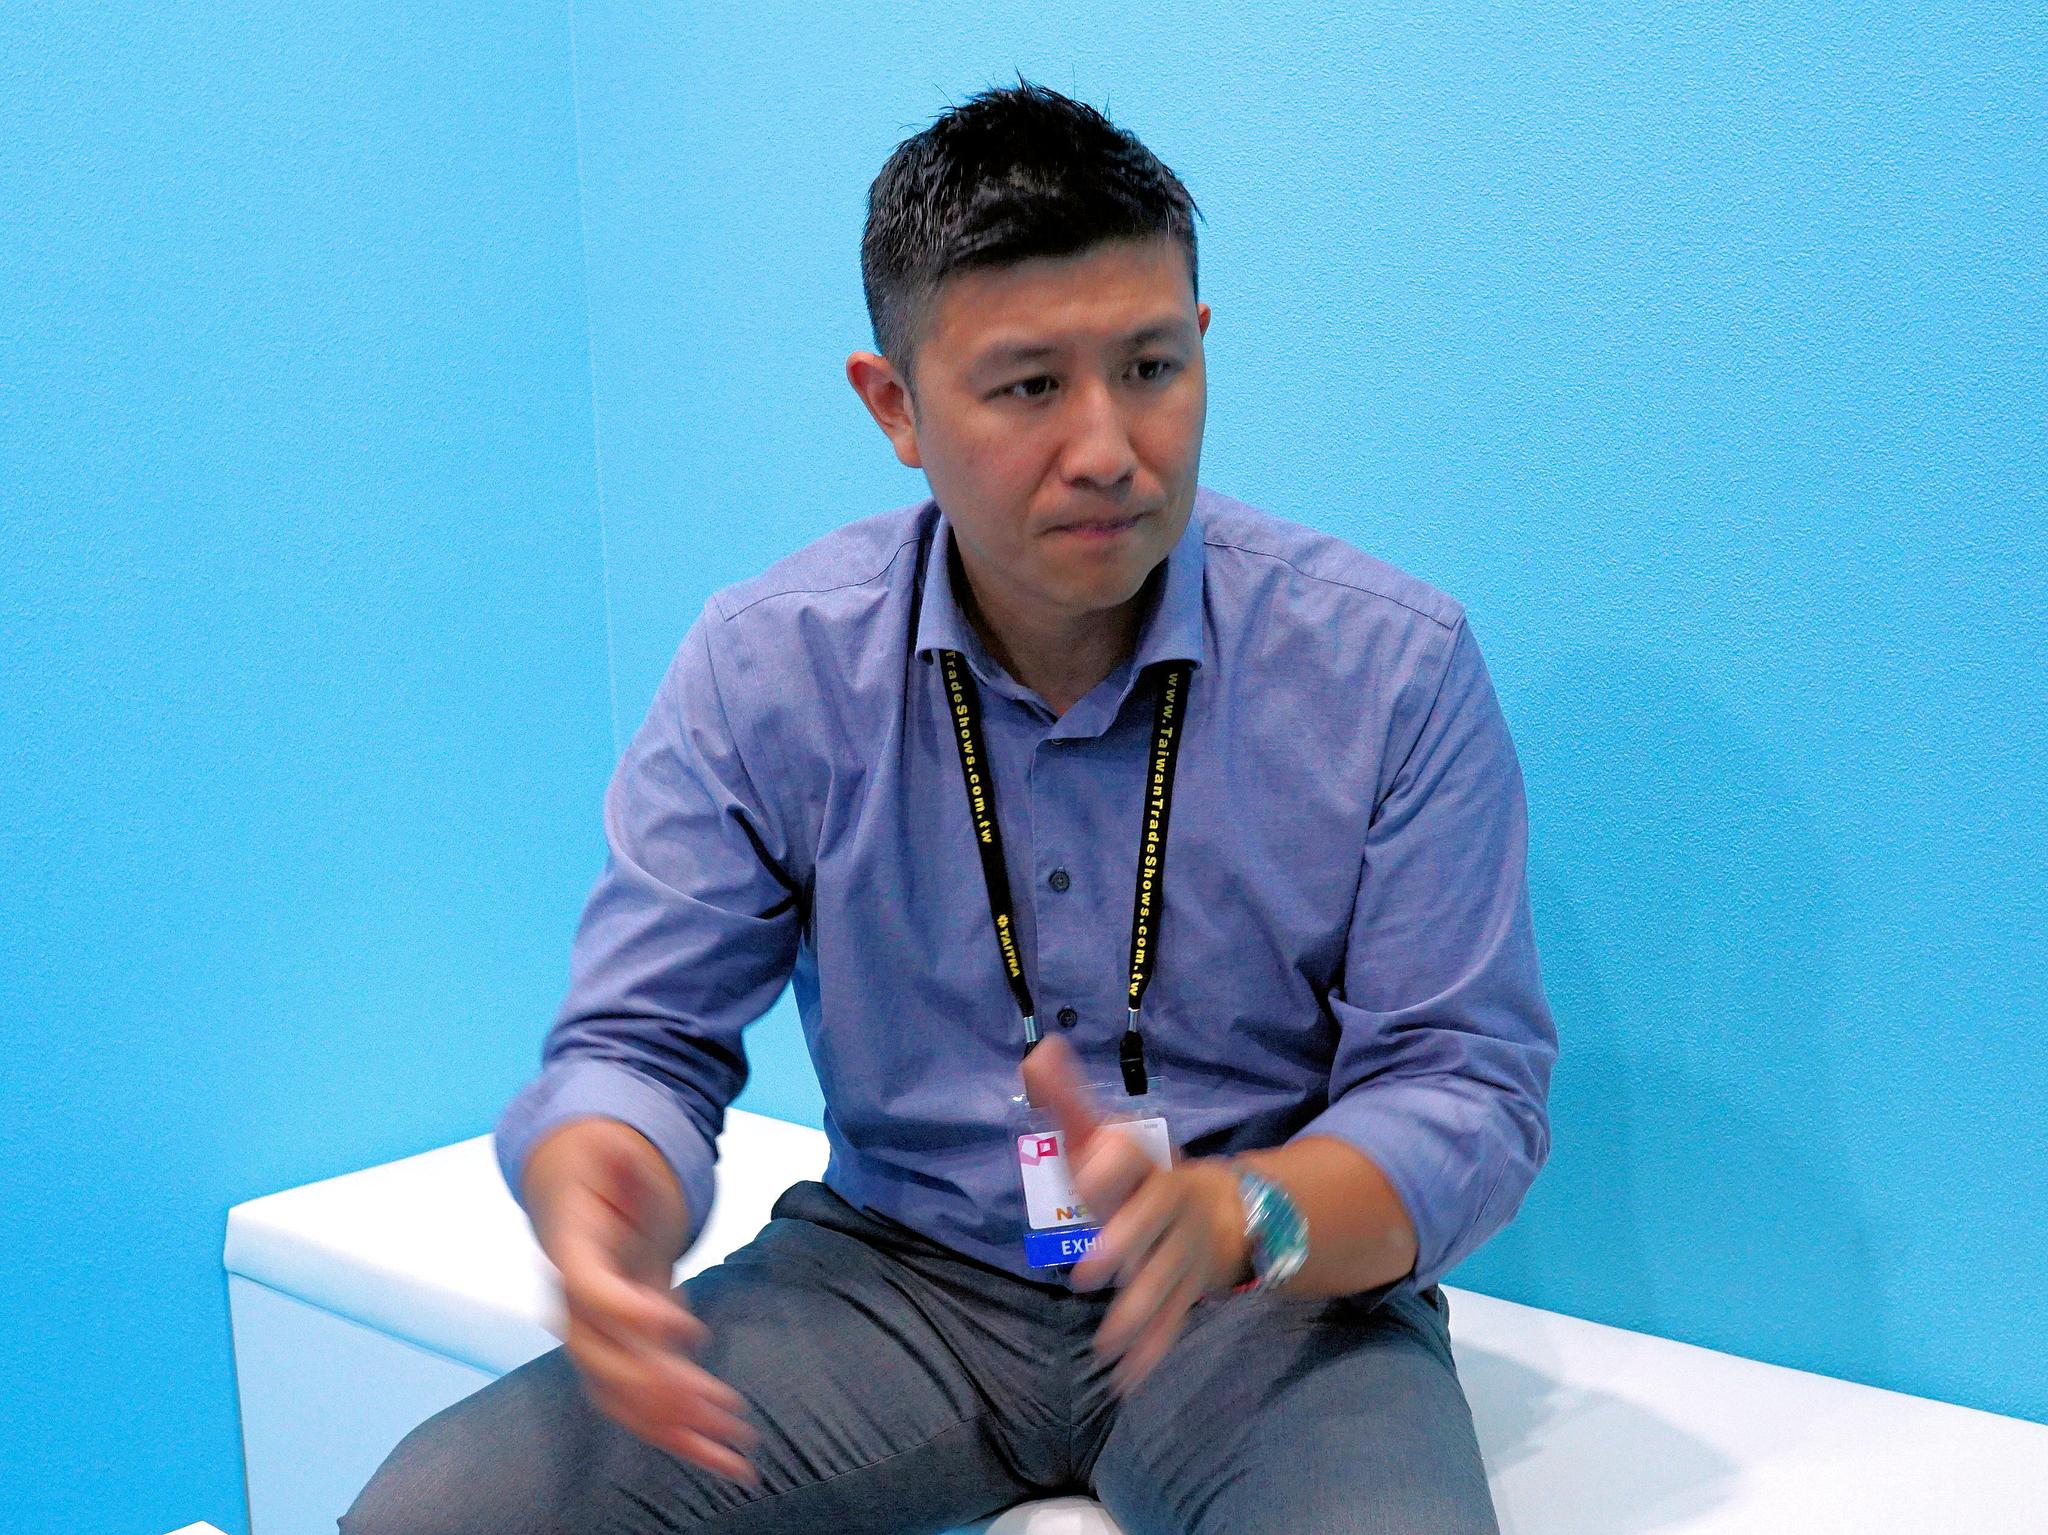 米OCZのマーケティング最高責任者(CMO)であるAlex Mei氏